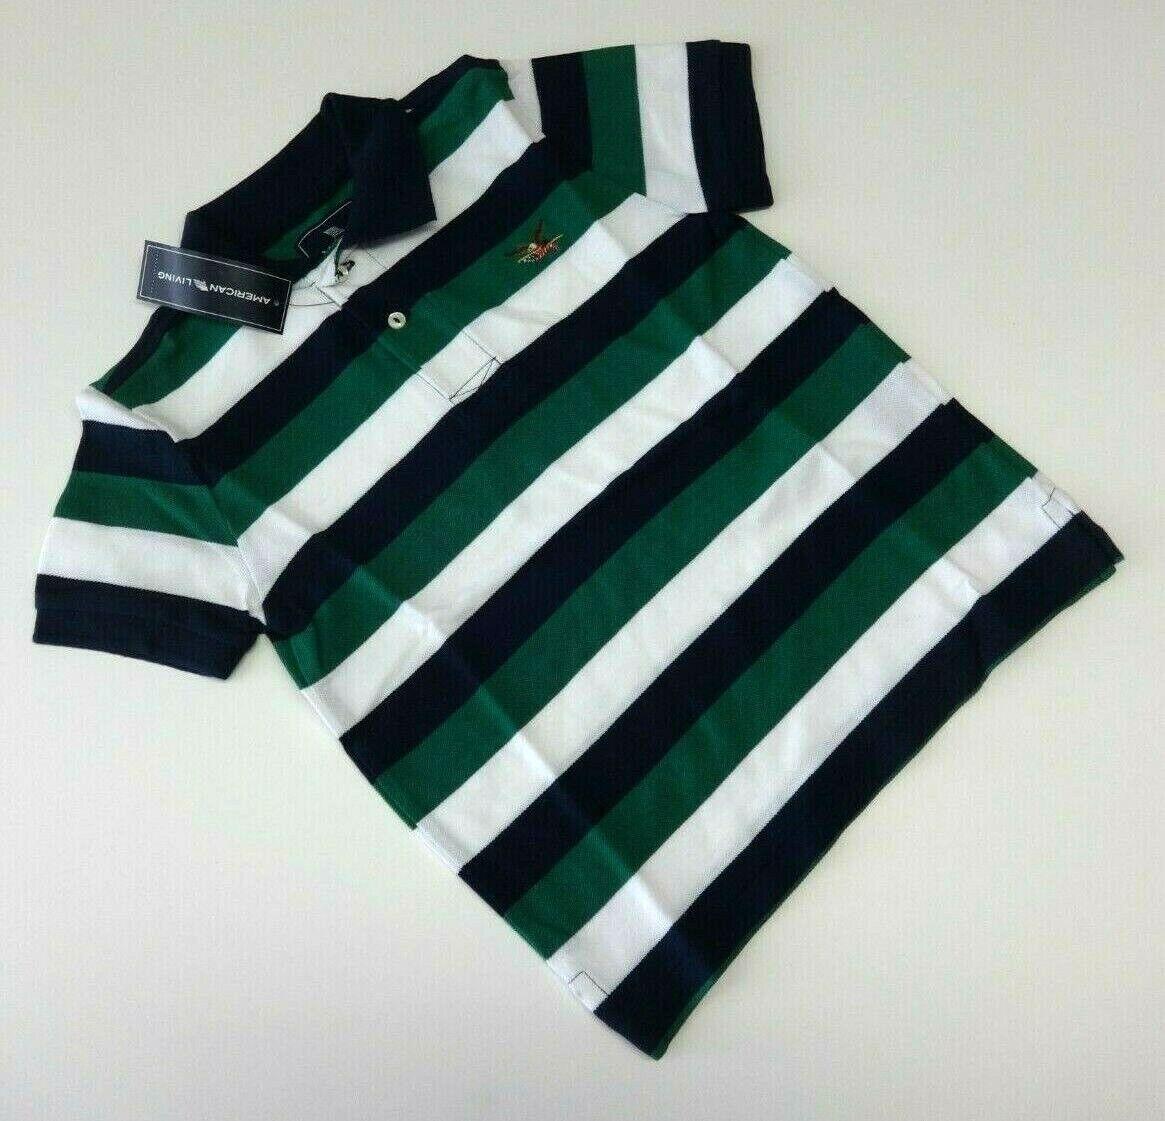 Poloshirt T-Shirt 104/110 gestreift USA size 5 Junge Polohemd Sommer neu grün